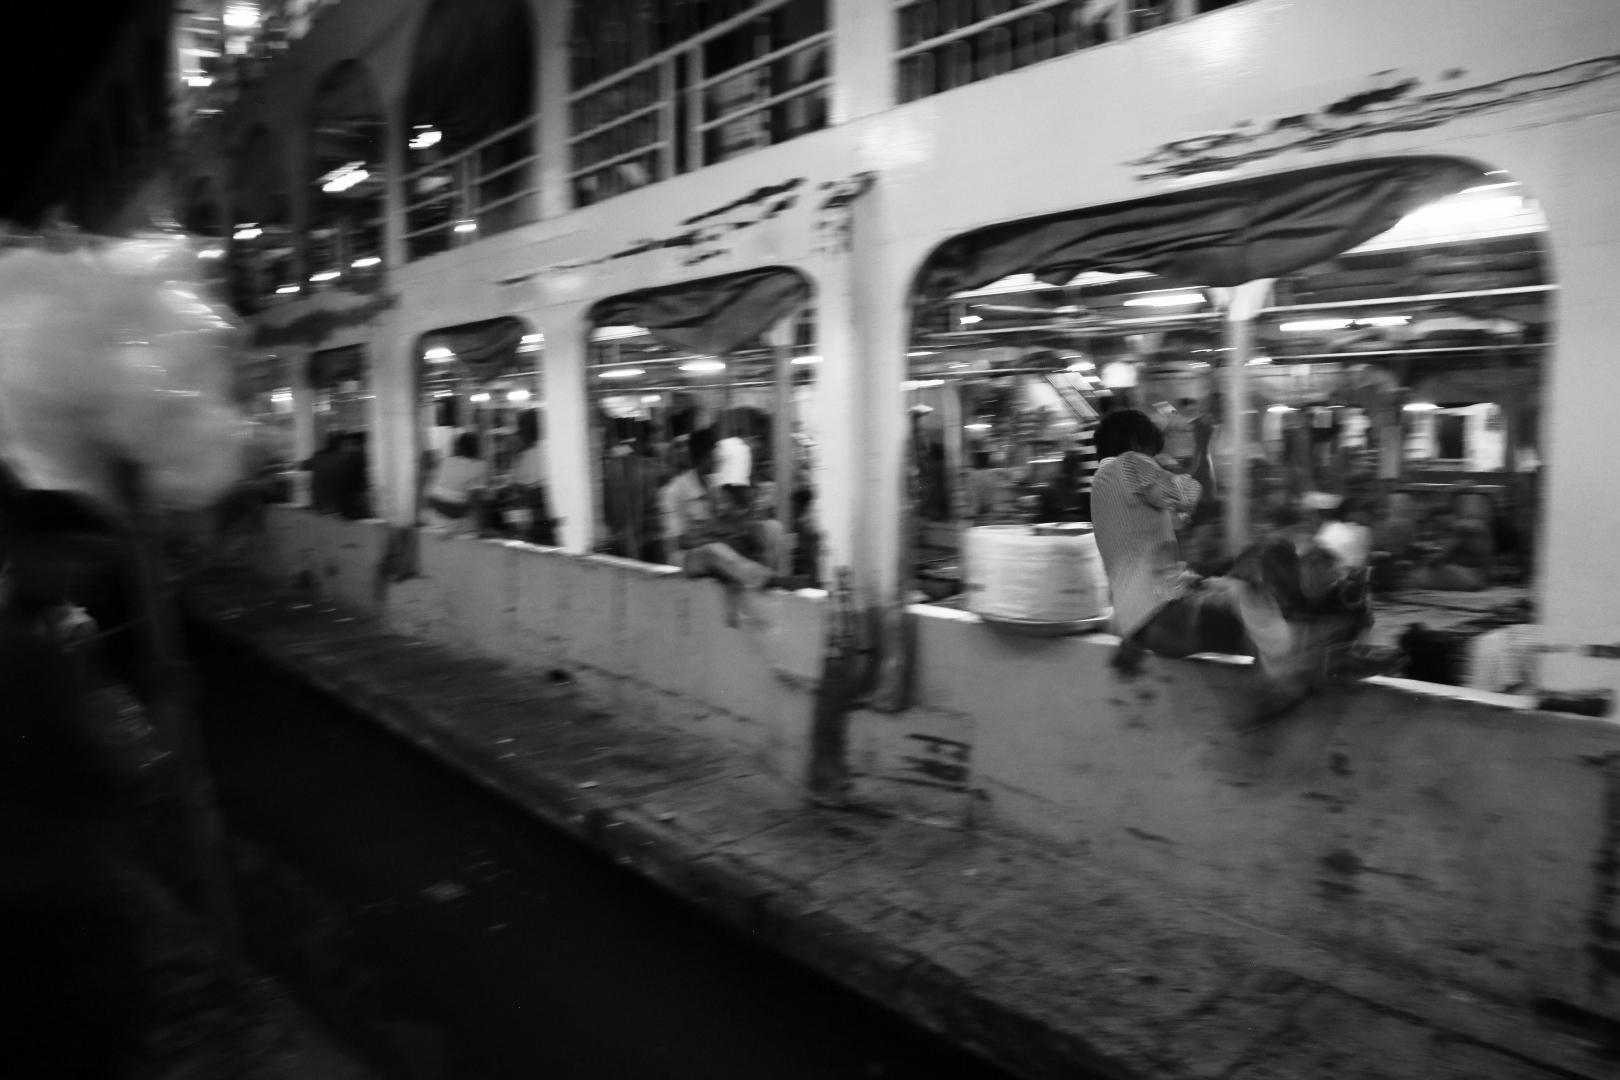 Посадка на паром осуществляется в хаосе как и большинство других процессов в Бангладеш. Некоторые пассажиры запрыгивают на борт, когда паром уже отправился в путь